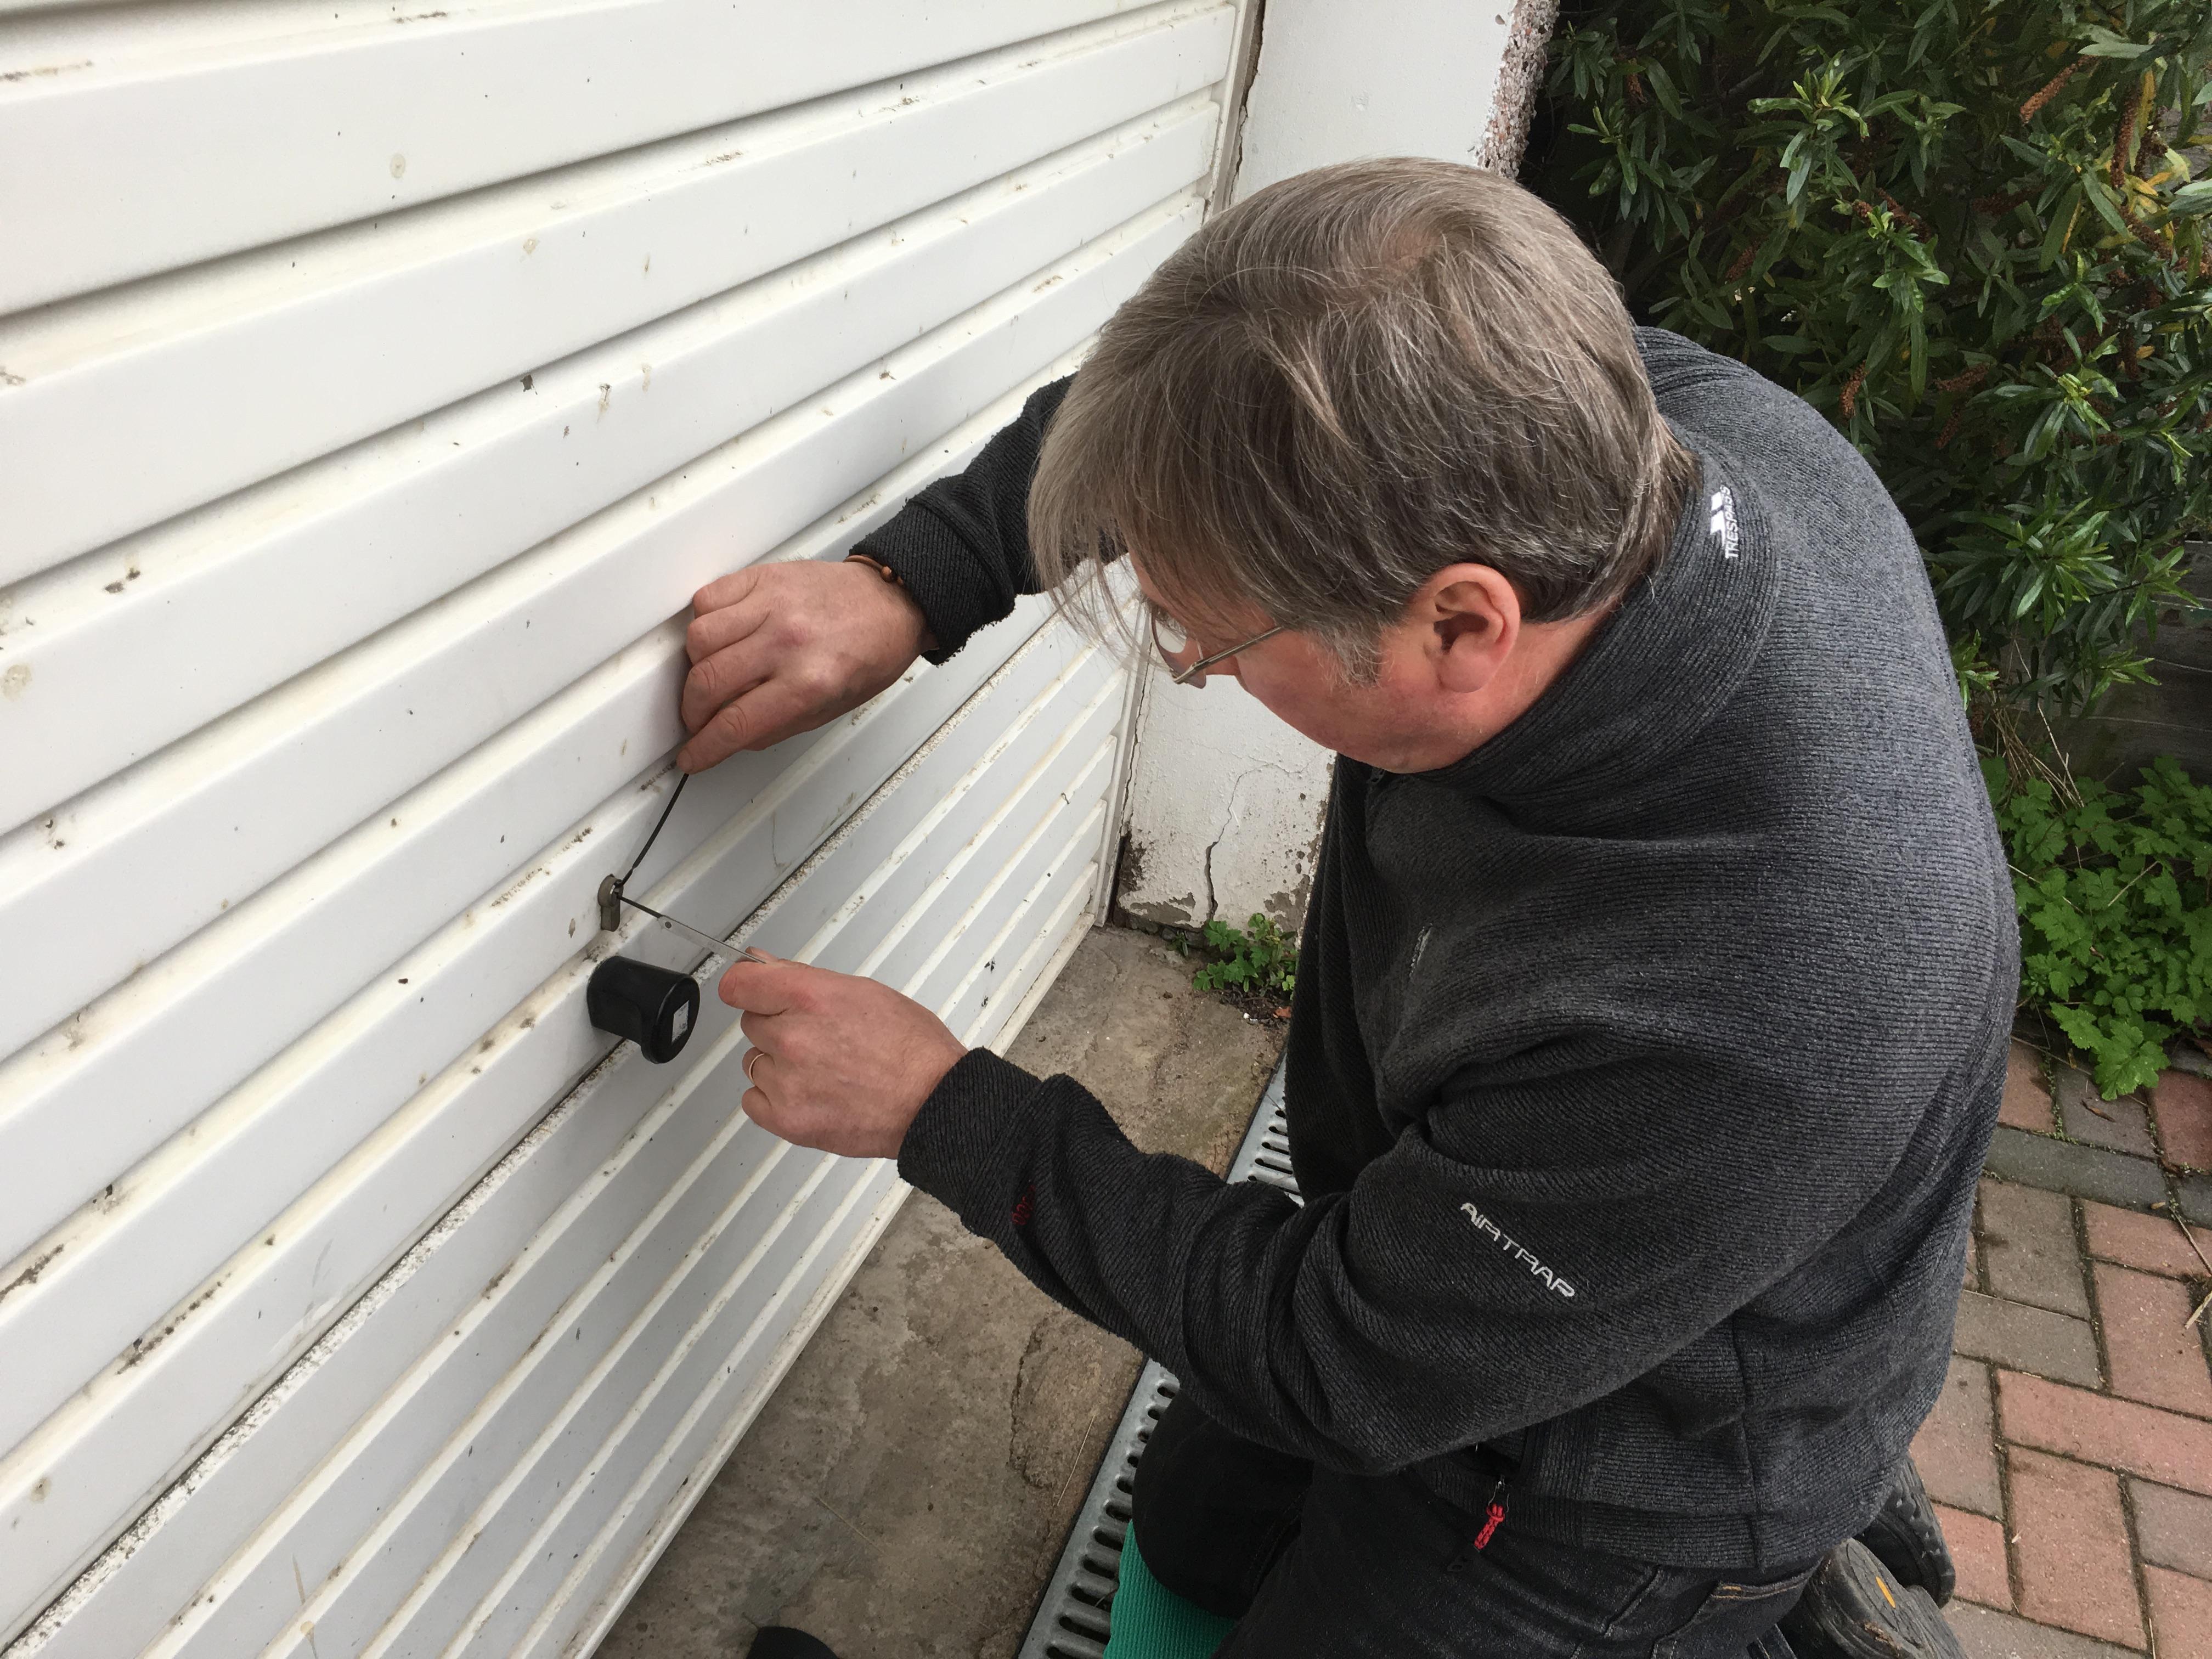 Garage lock picking